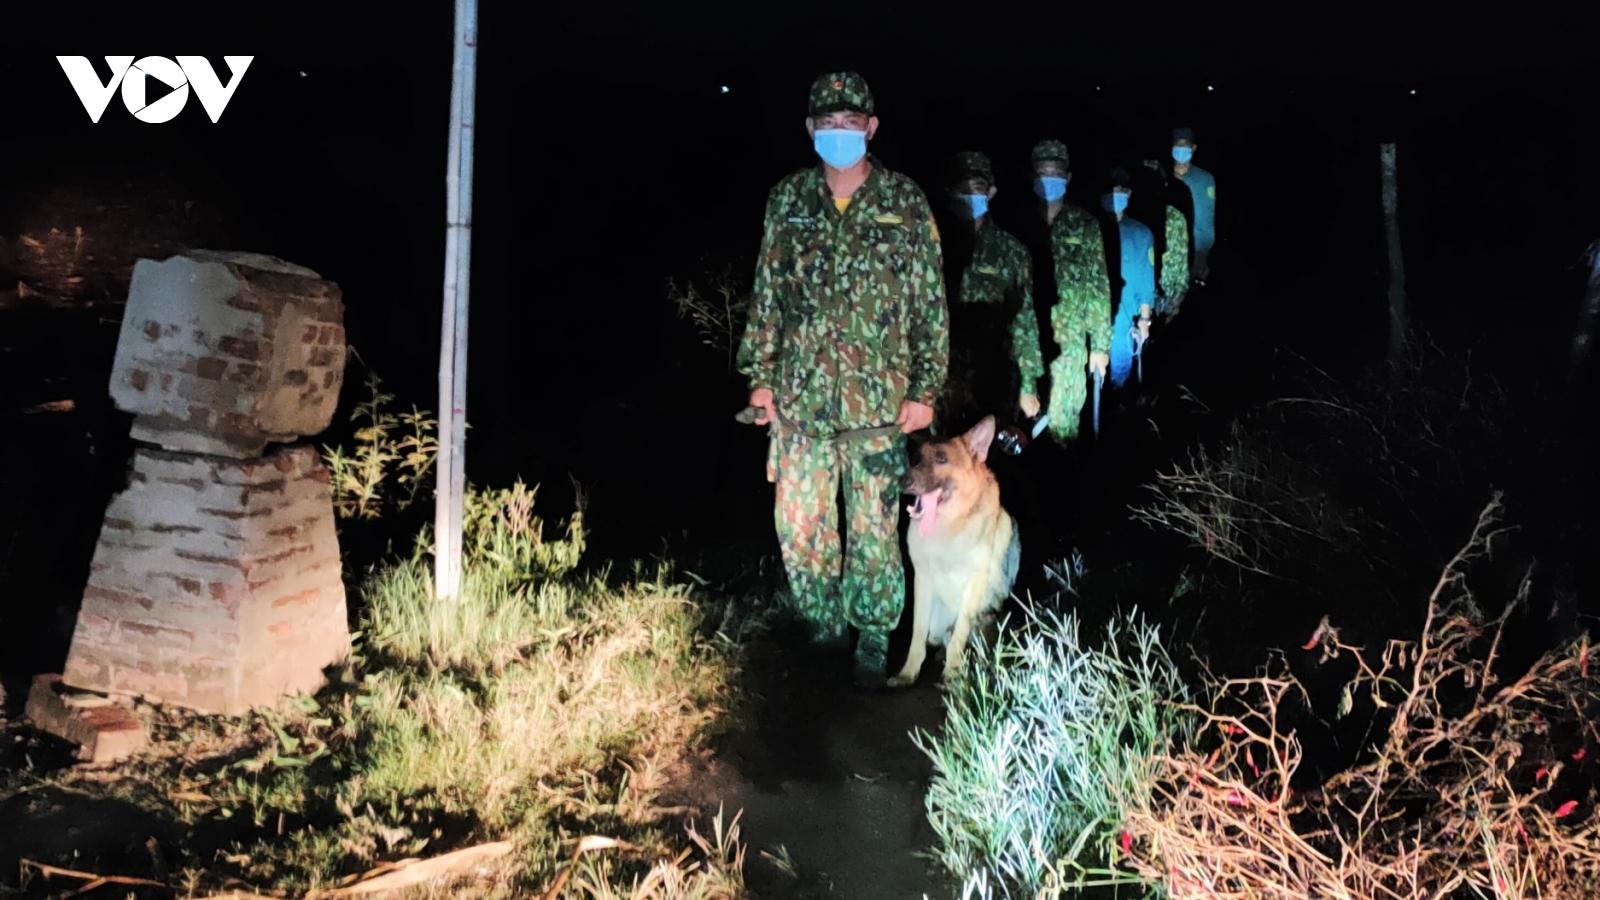 Biên giới Tây Nam căng sức ngăn chặn người người nhập cảnh trái phép